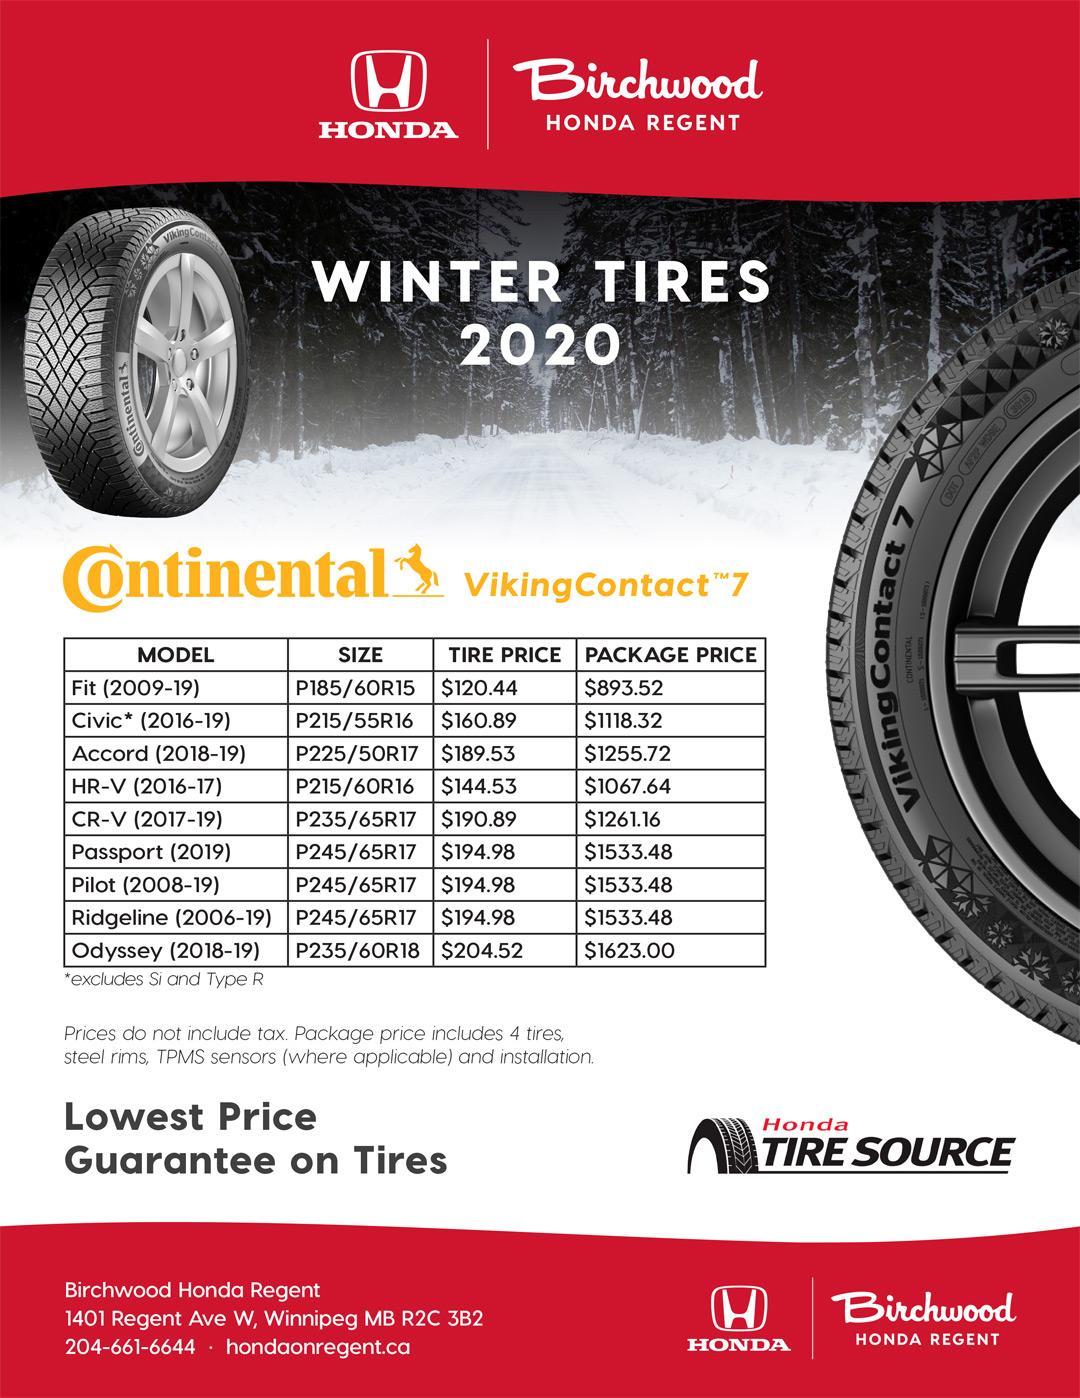 Birchwood Honda Regent Winter Tire Special